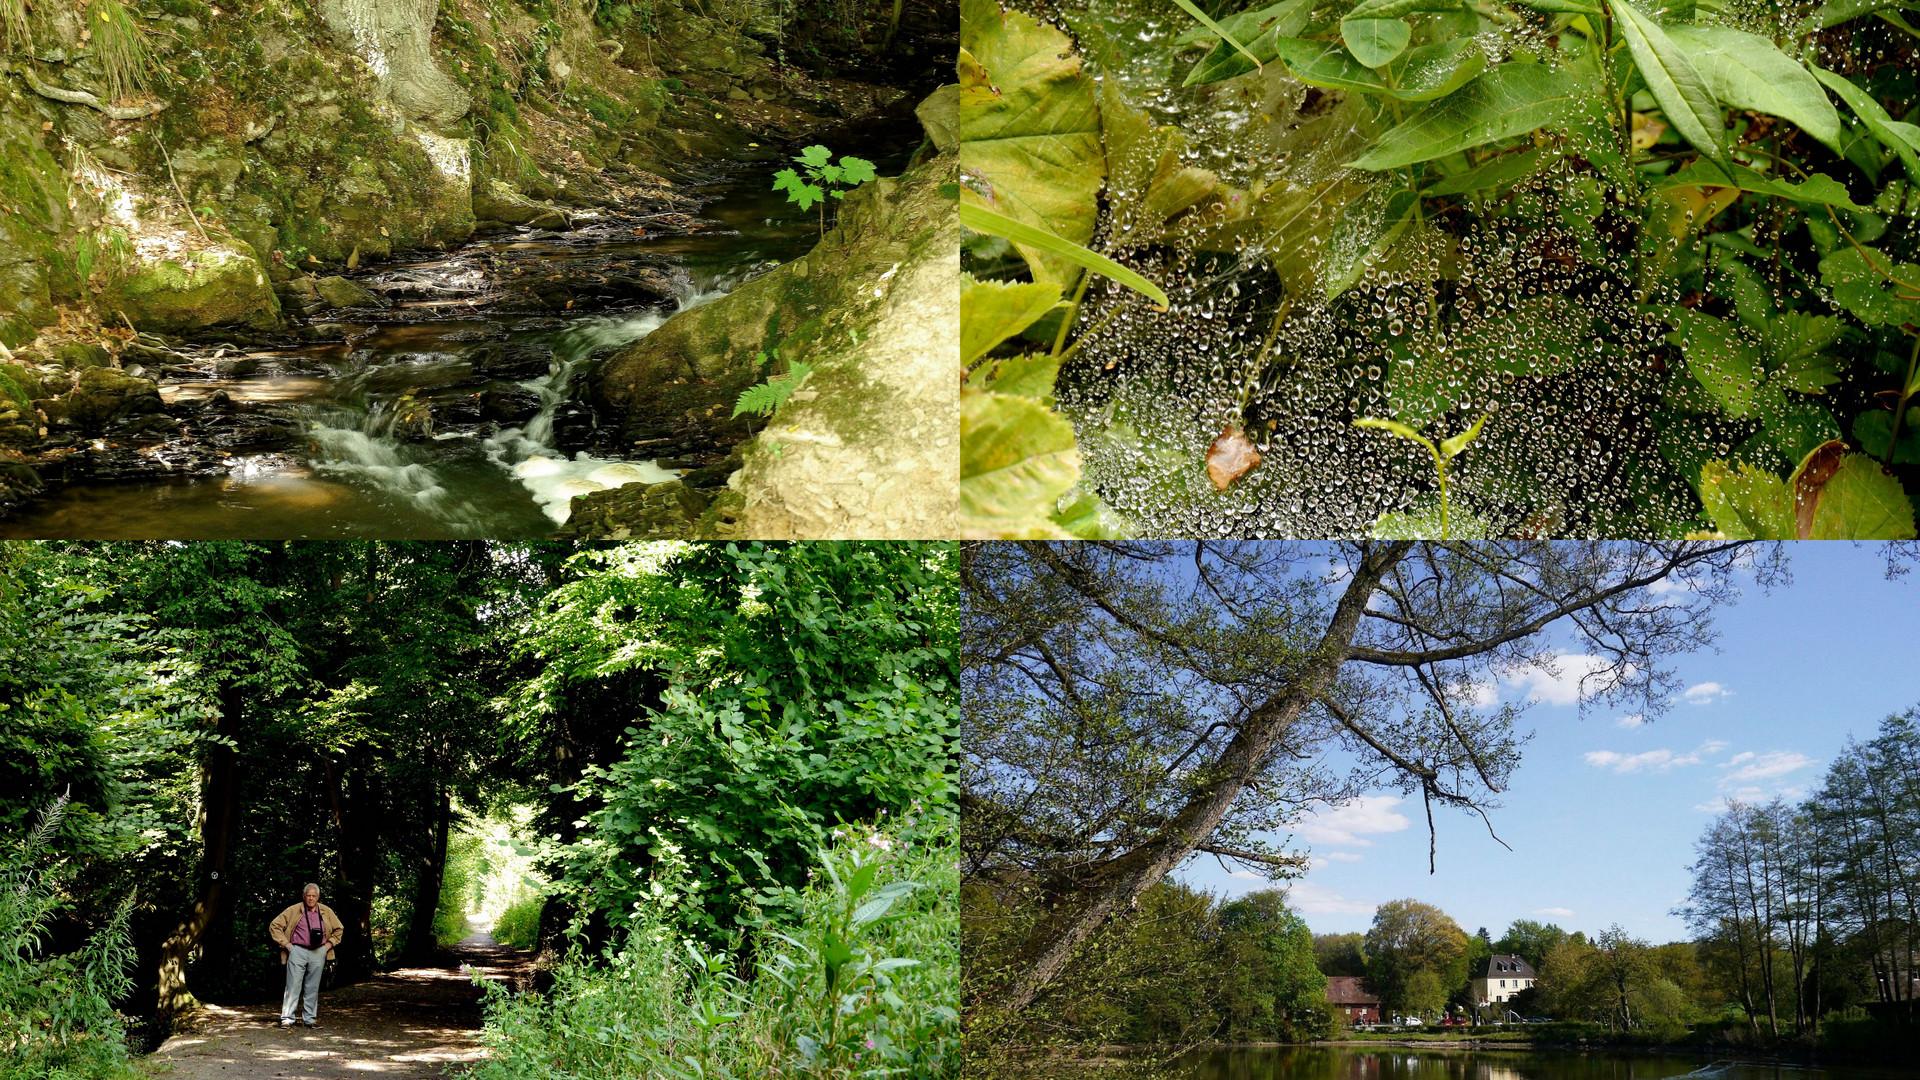 Versuch meiner ersten Collage mit Trick 17, Apprather Mühle bei Wülfrath.